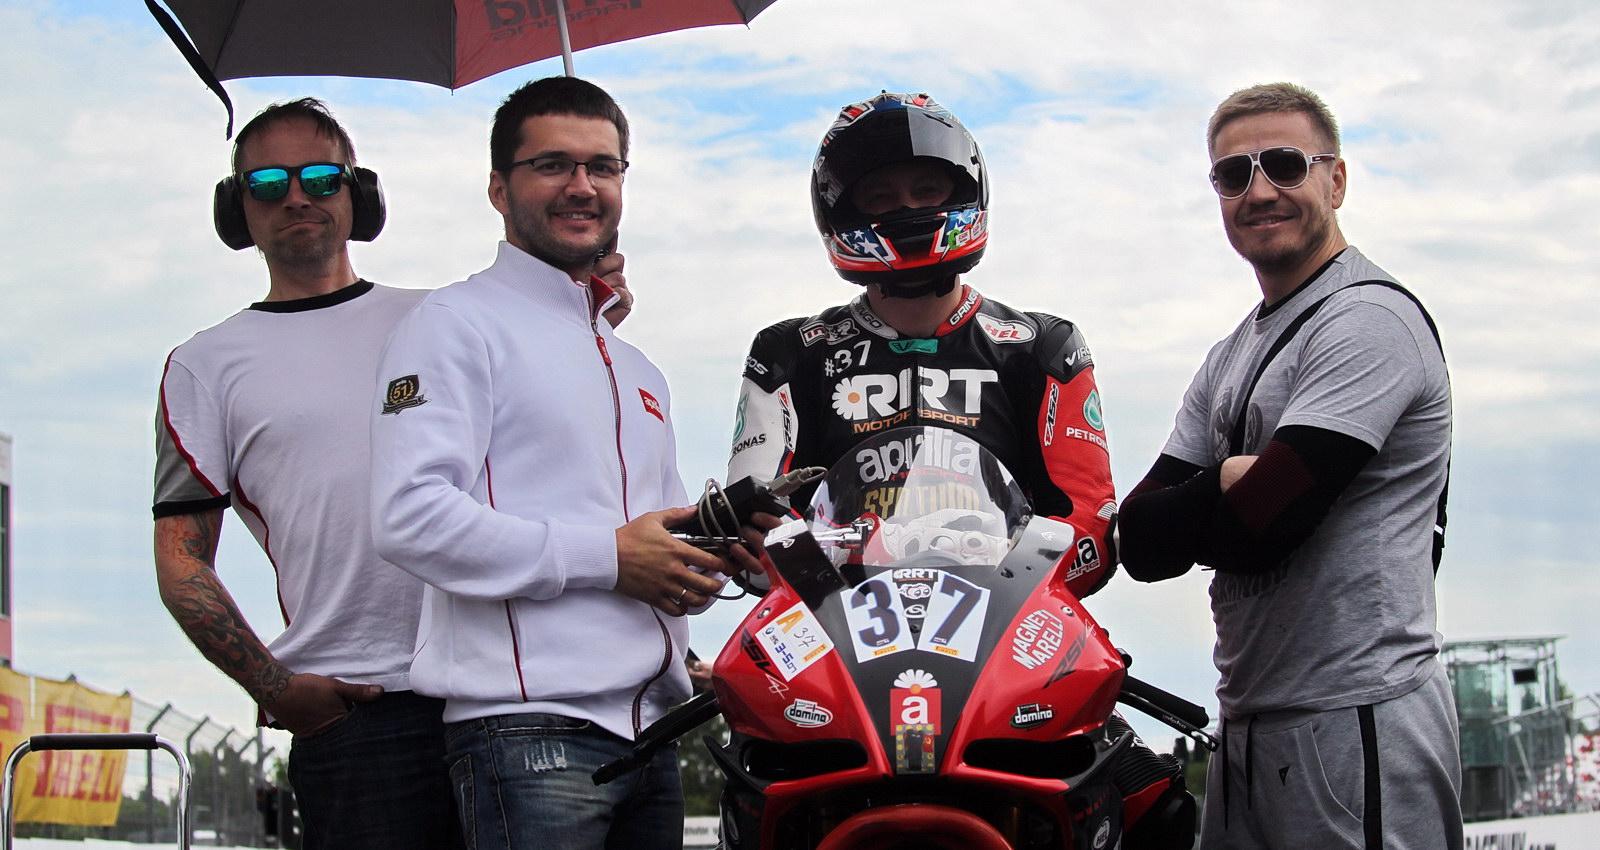 Сергей Григорьев - третий в списке пилотов, набравших до августа более 300 очков в Superbike